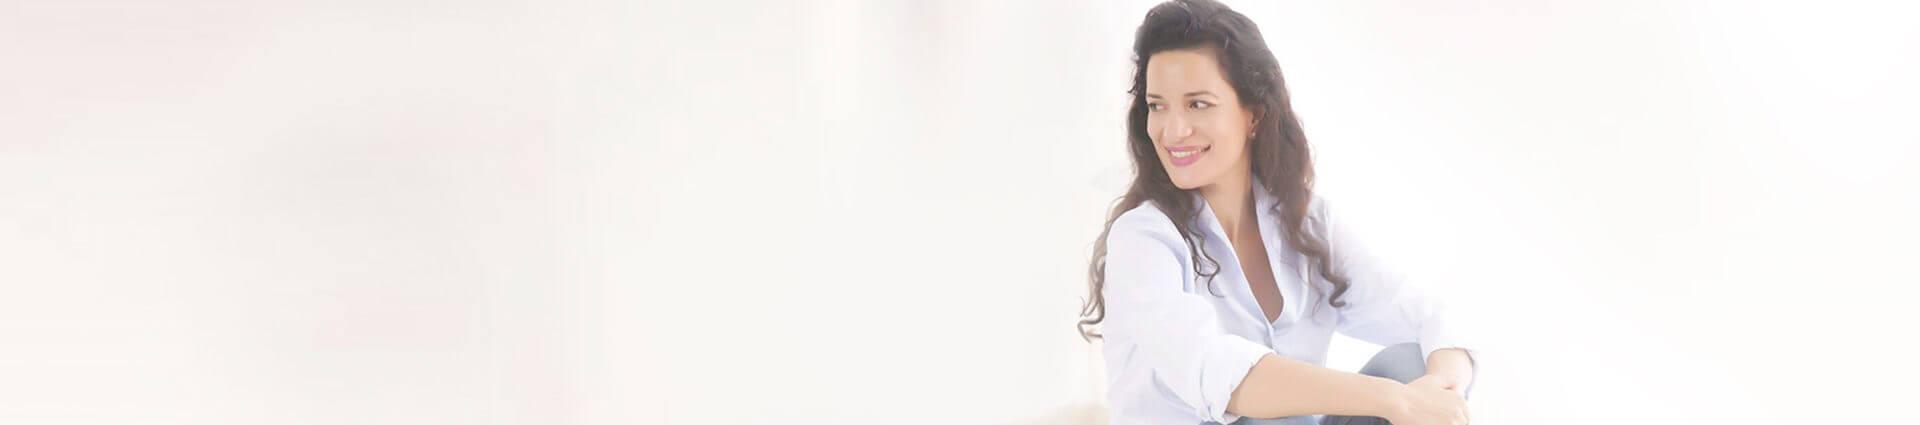 הניה אליאור, בעלת סוכנות ביטוח